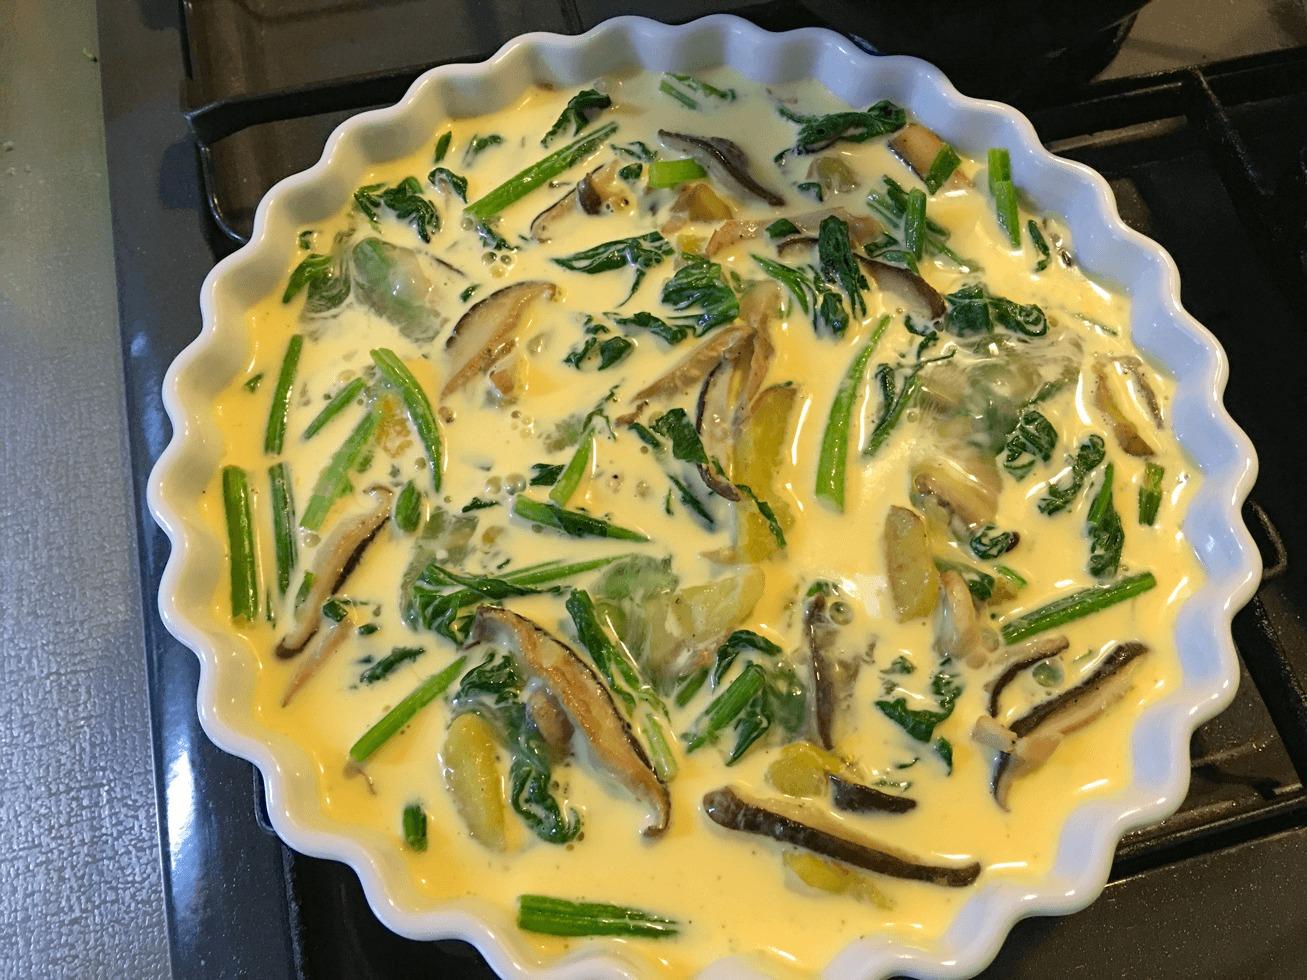 ほうれん草とシイタケのキッシュの具ををパイ皿に移して卵液をかけた写真